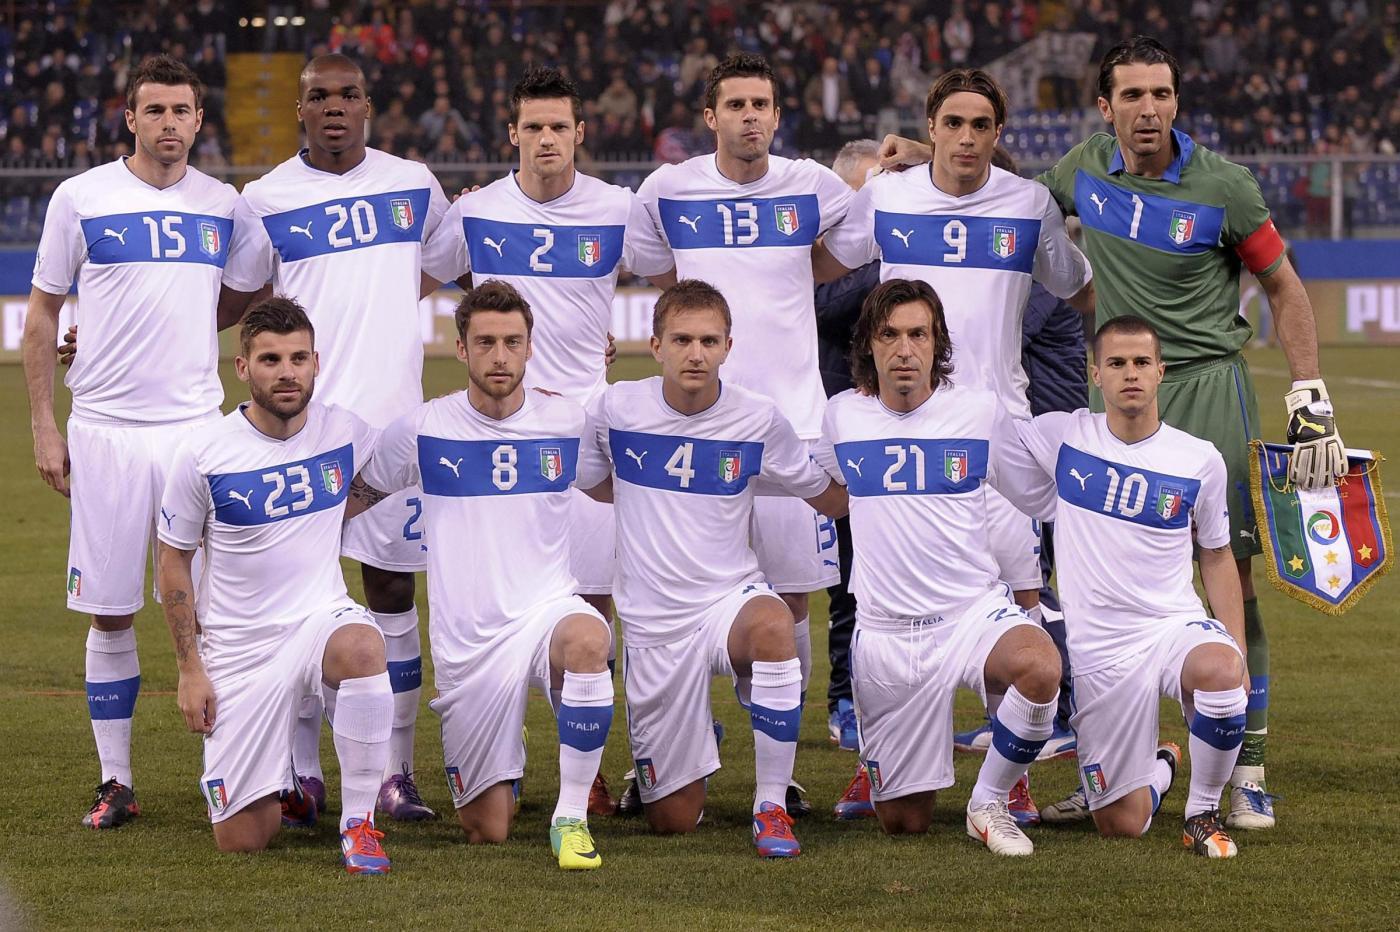 Ascolti tv mercoledì 29 febbraio 2012: la Nazionale di calcio batte tutti (meno gli Usa)